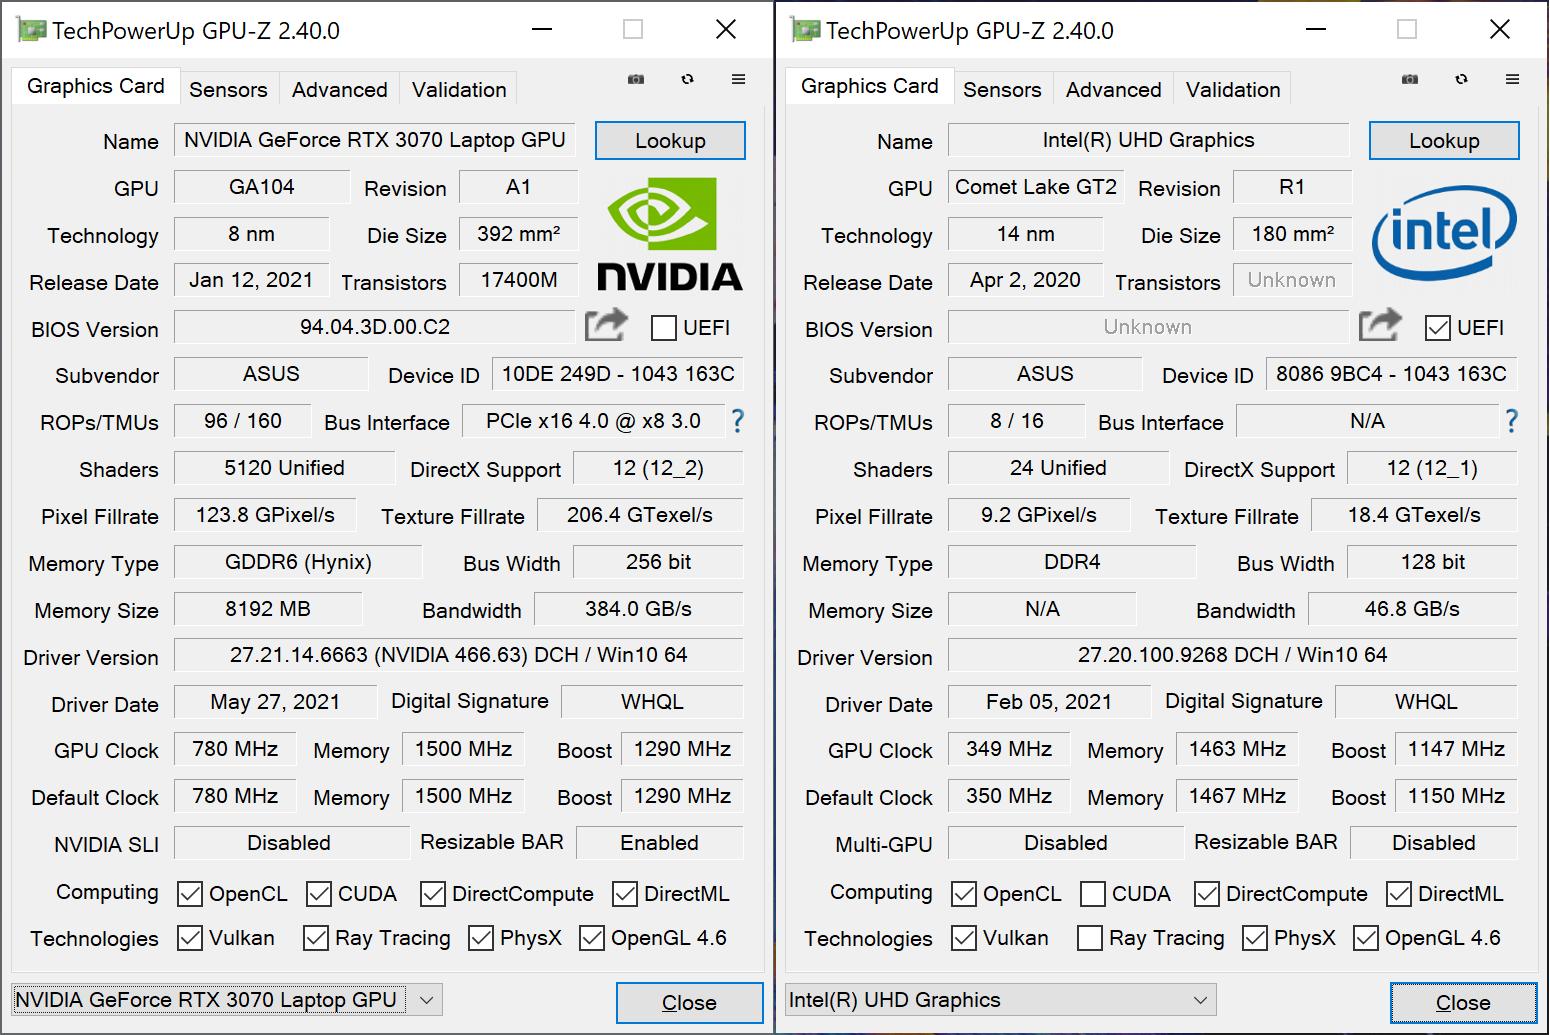 ASUS ZenBook Pro Duo UX582 GPU-Z spec